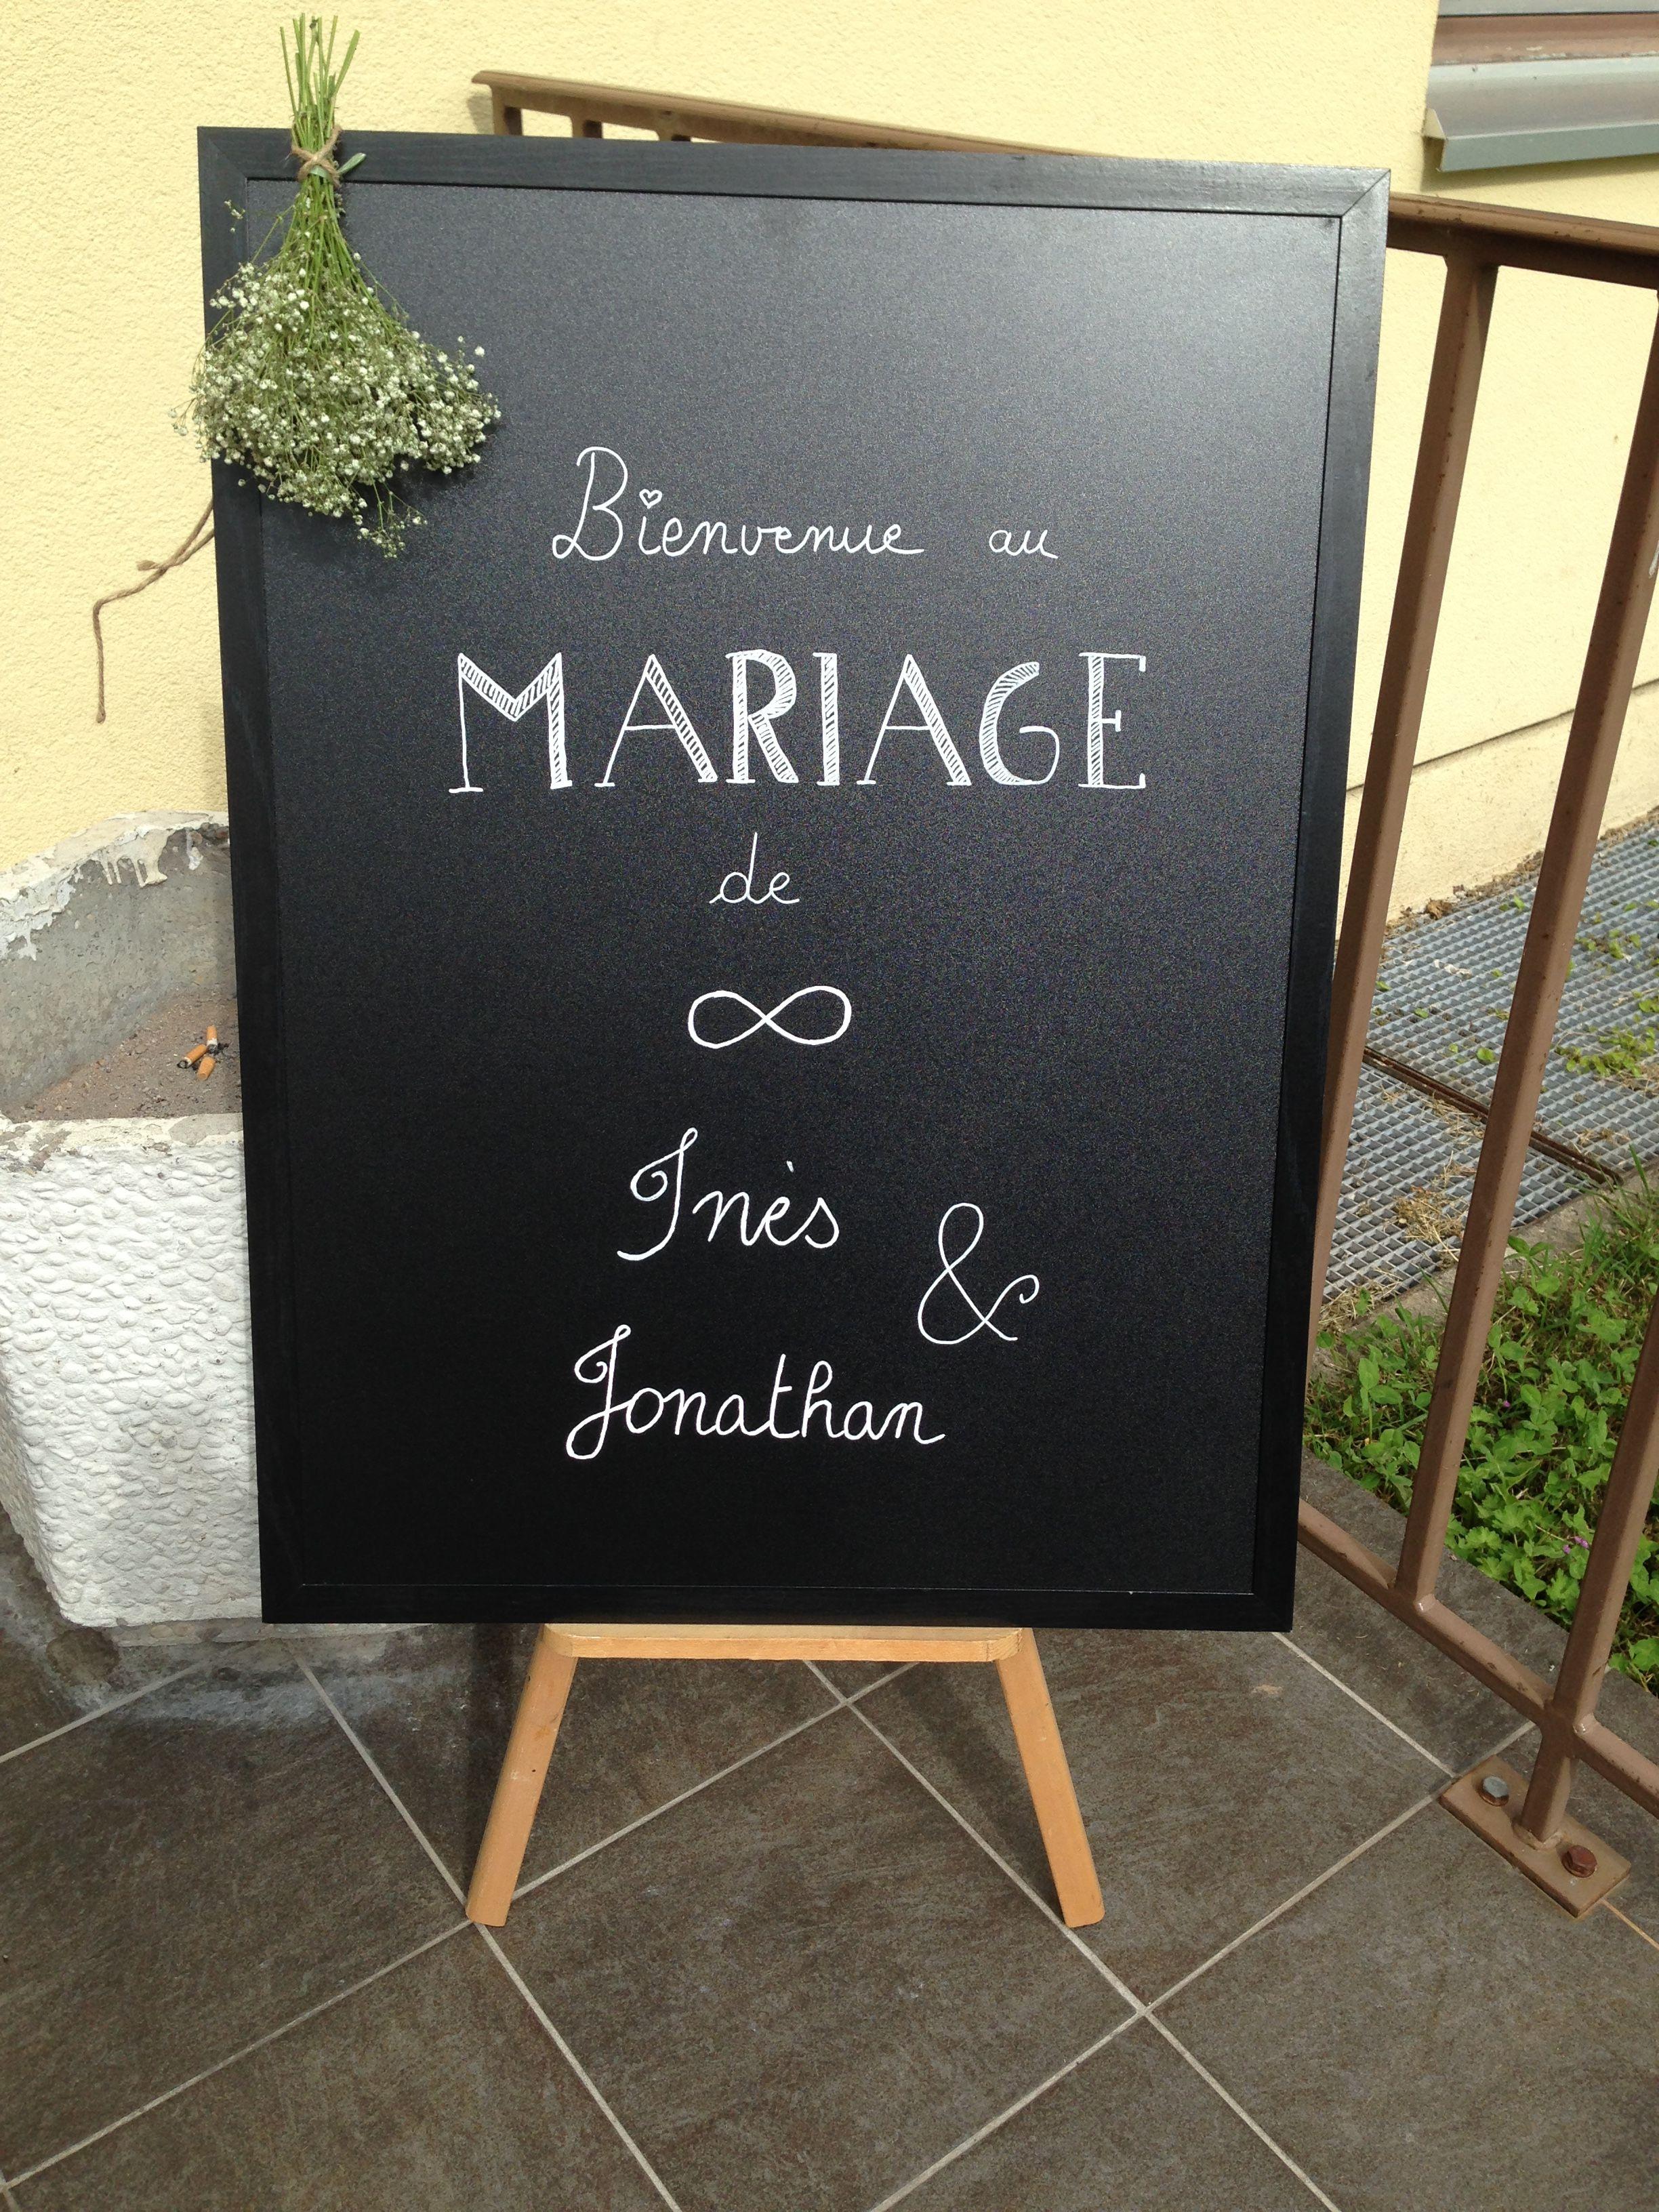 Tableau noir pour accueillir les invités #chalkboard #wedding fait par ma Vanouch @nau4173